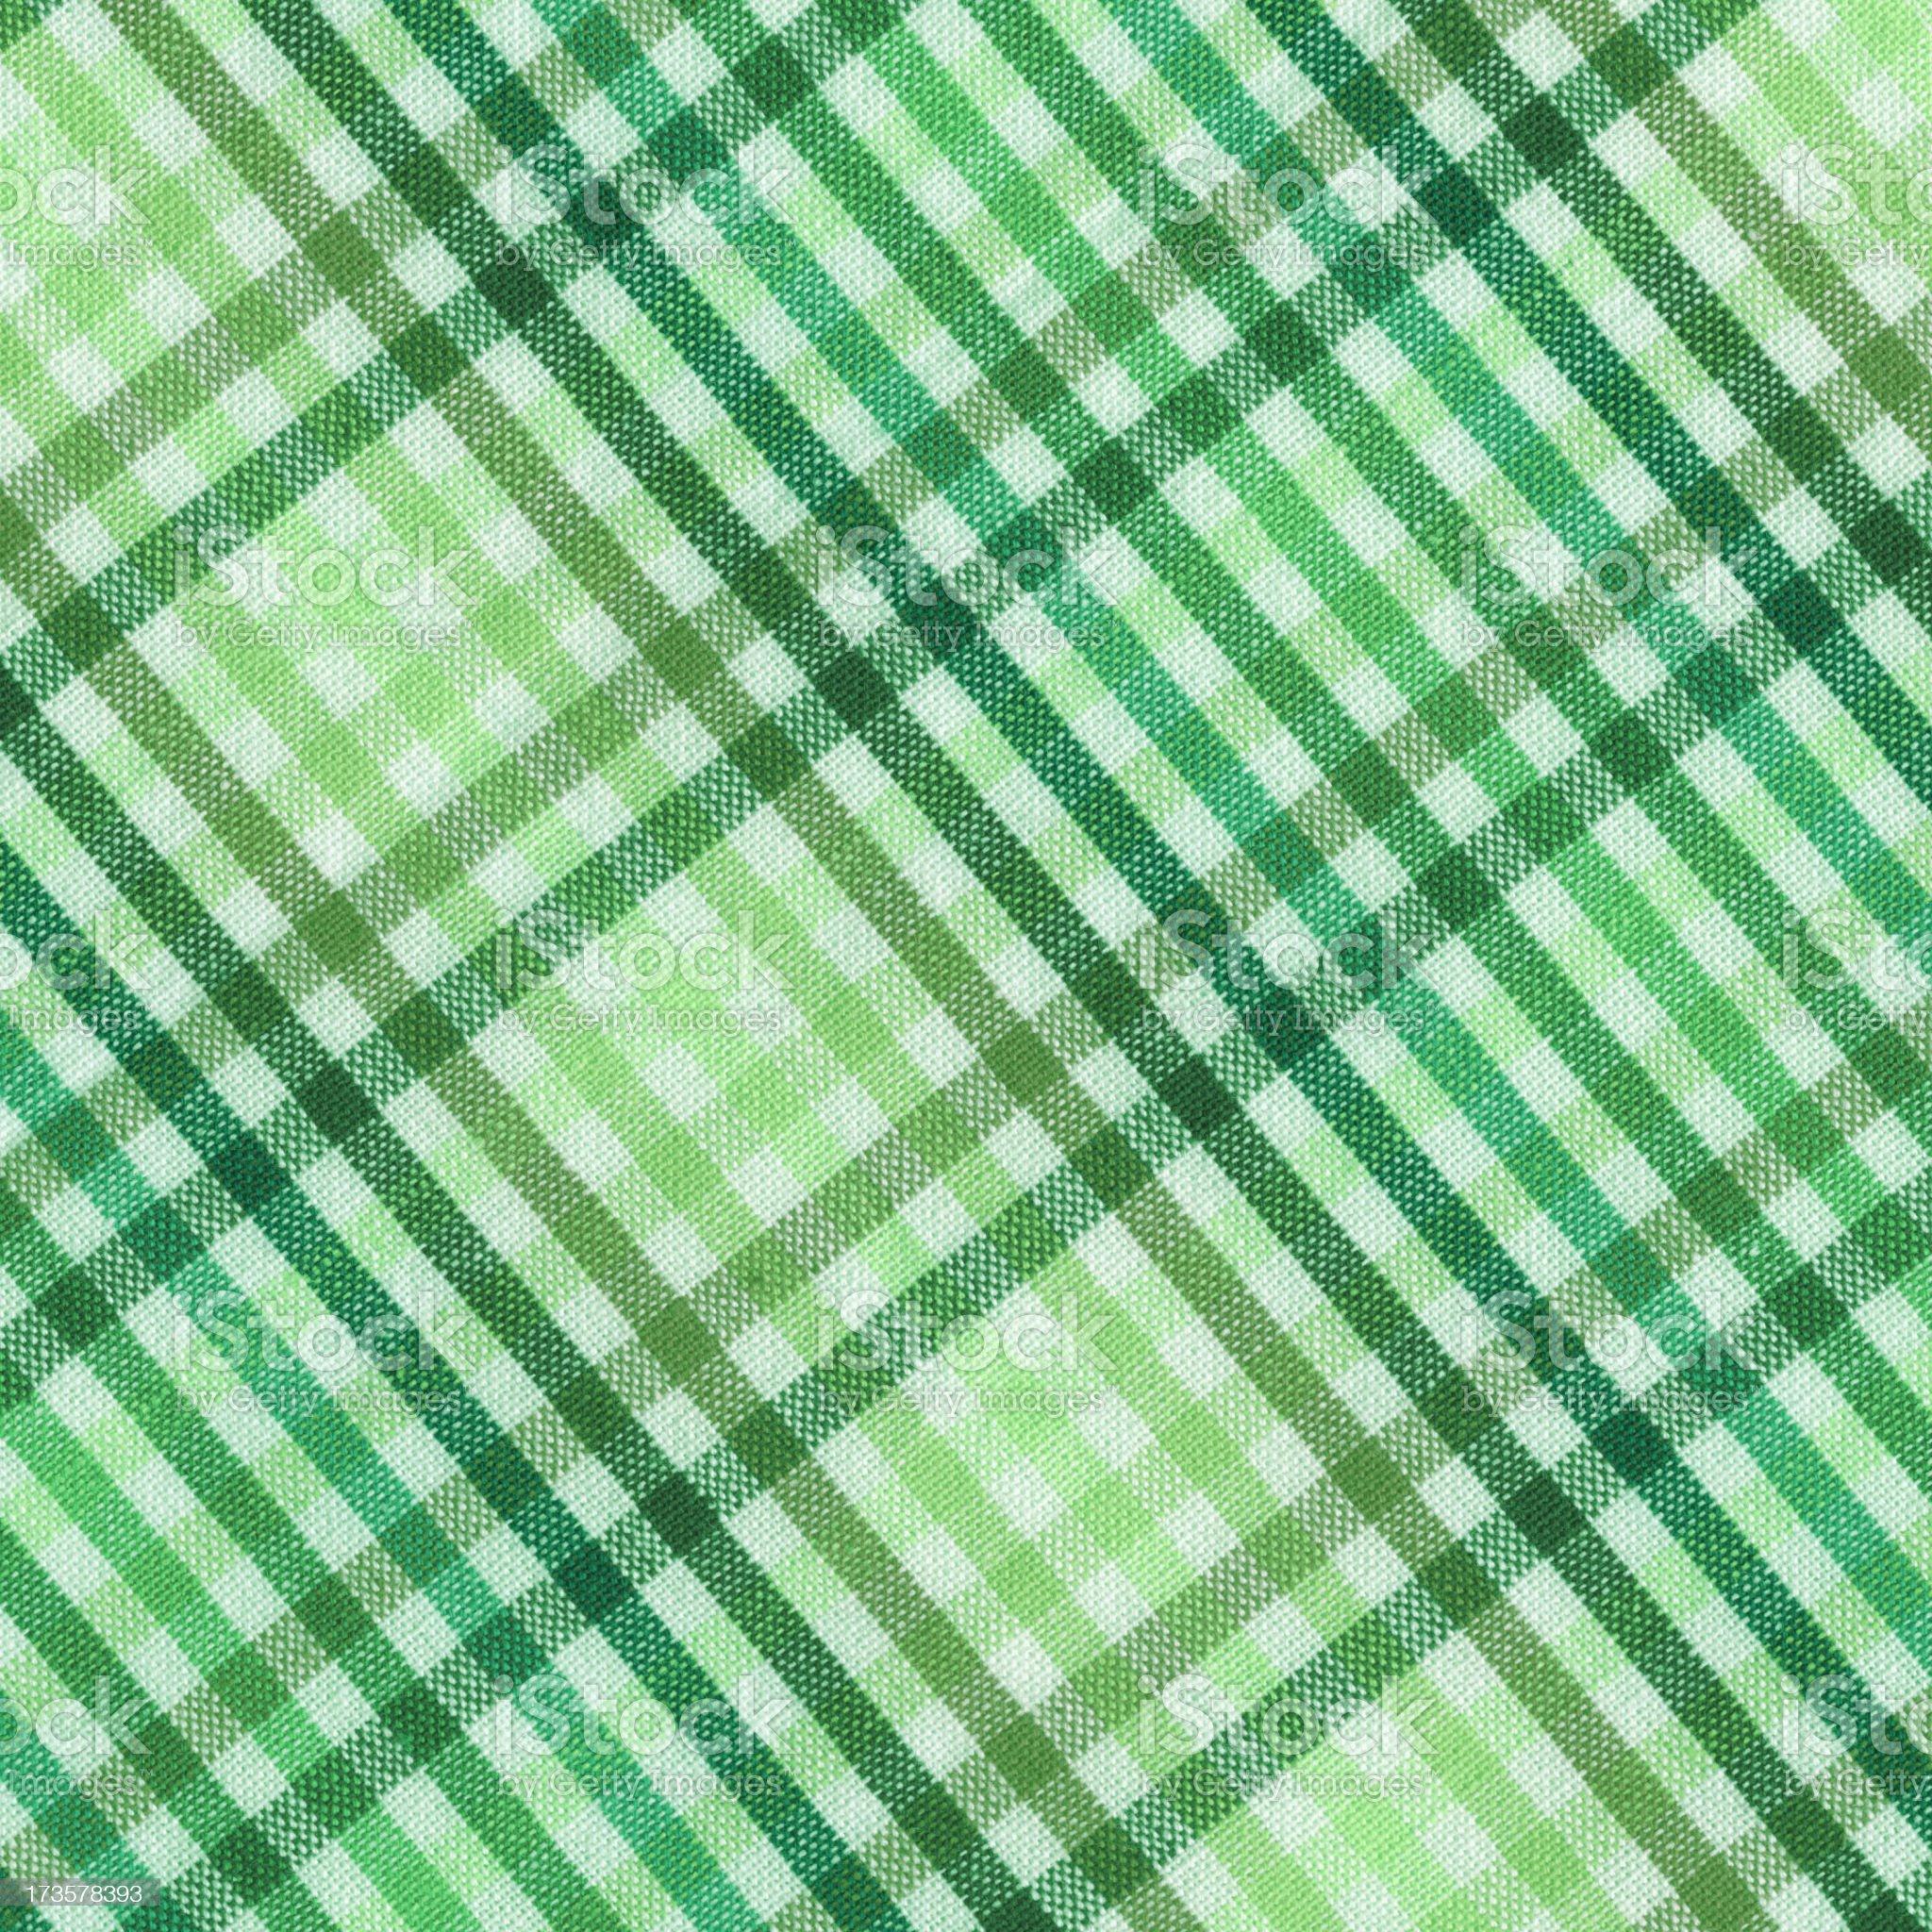 green plaid cotton napkin royalty-free stock photo